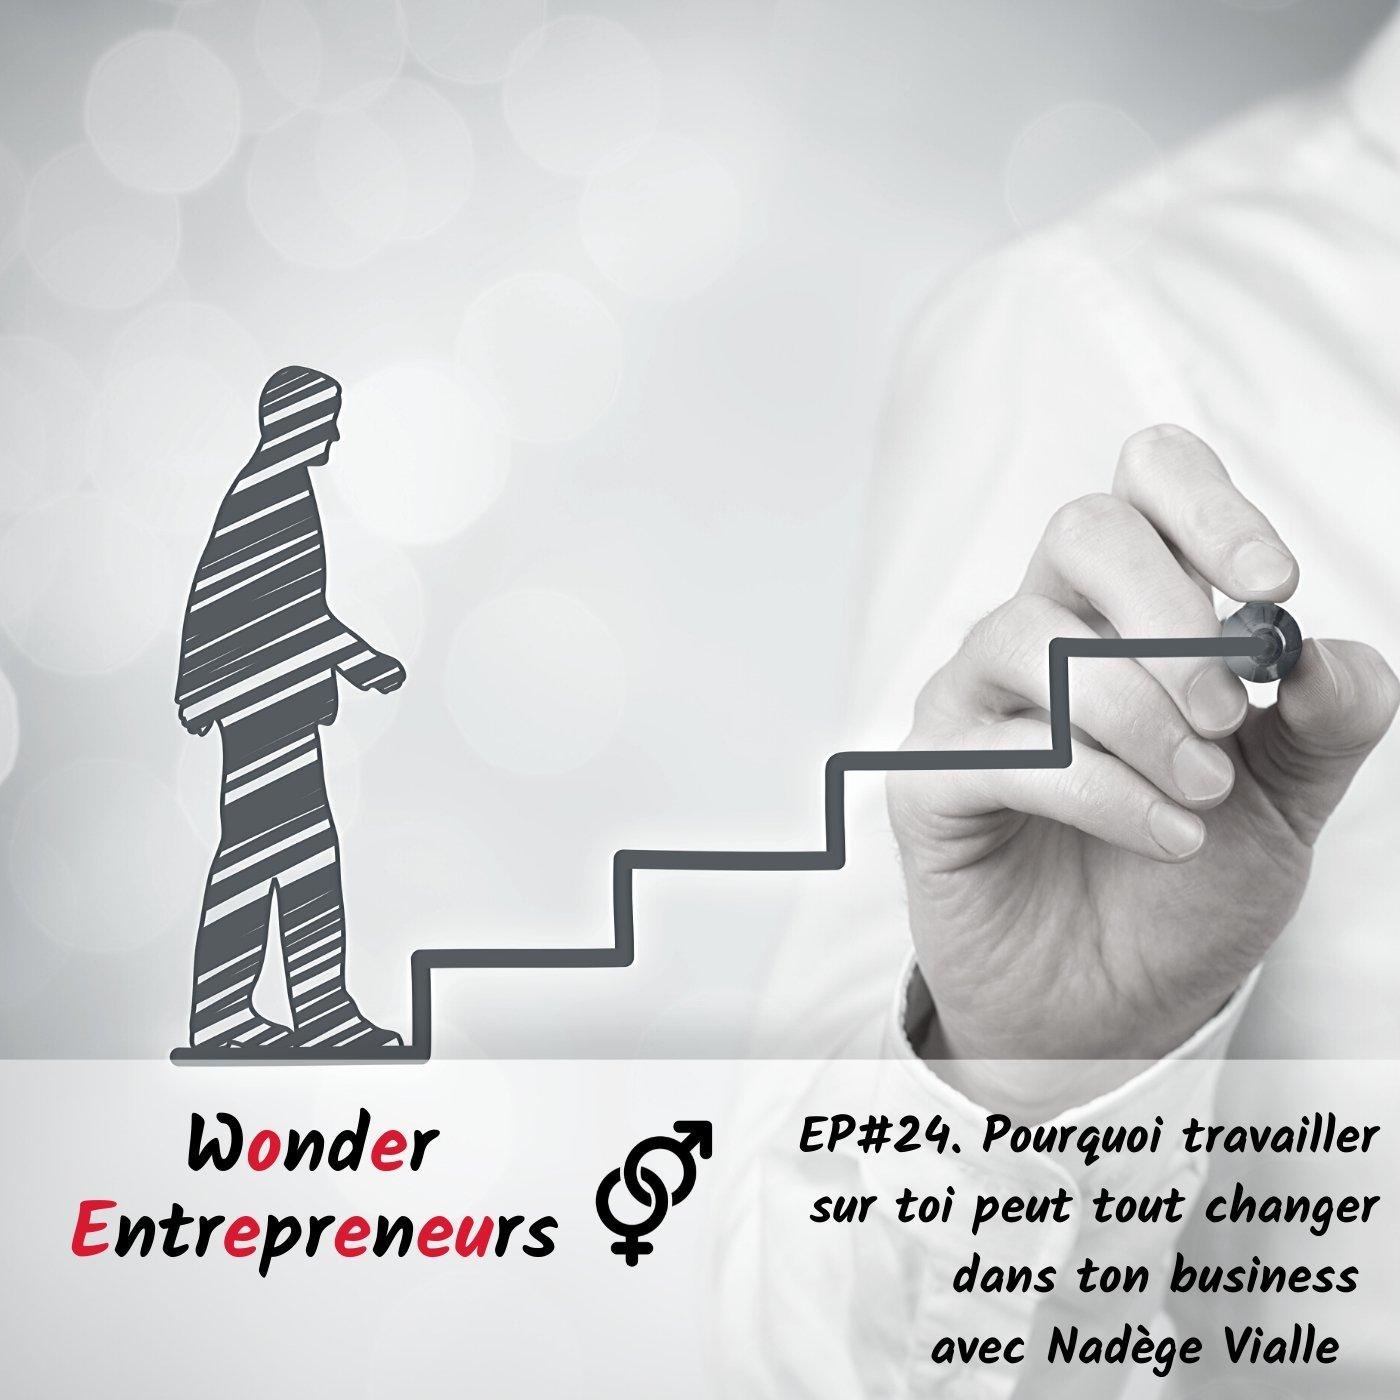 EP 24 PODCAST WONDER ENTREPRENEURS Pourquoi travailler sur toi peut tout changer dans ton business